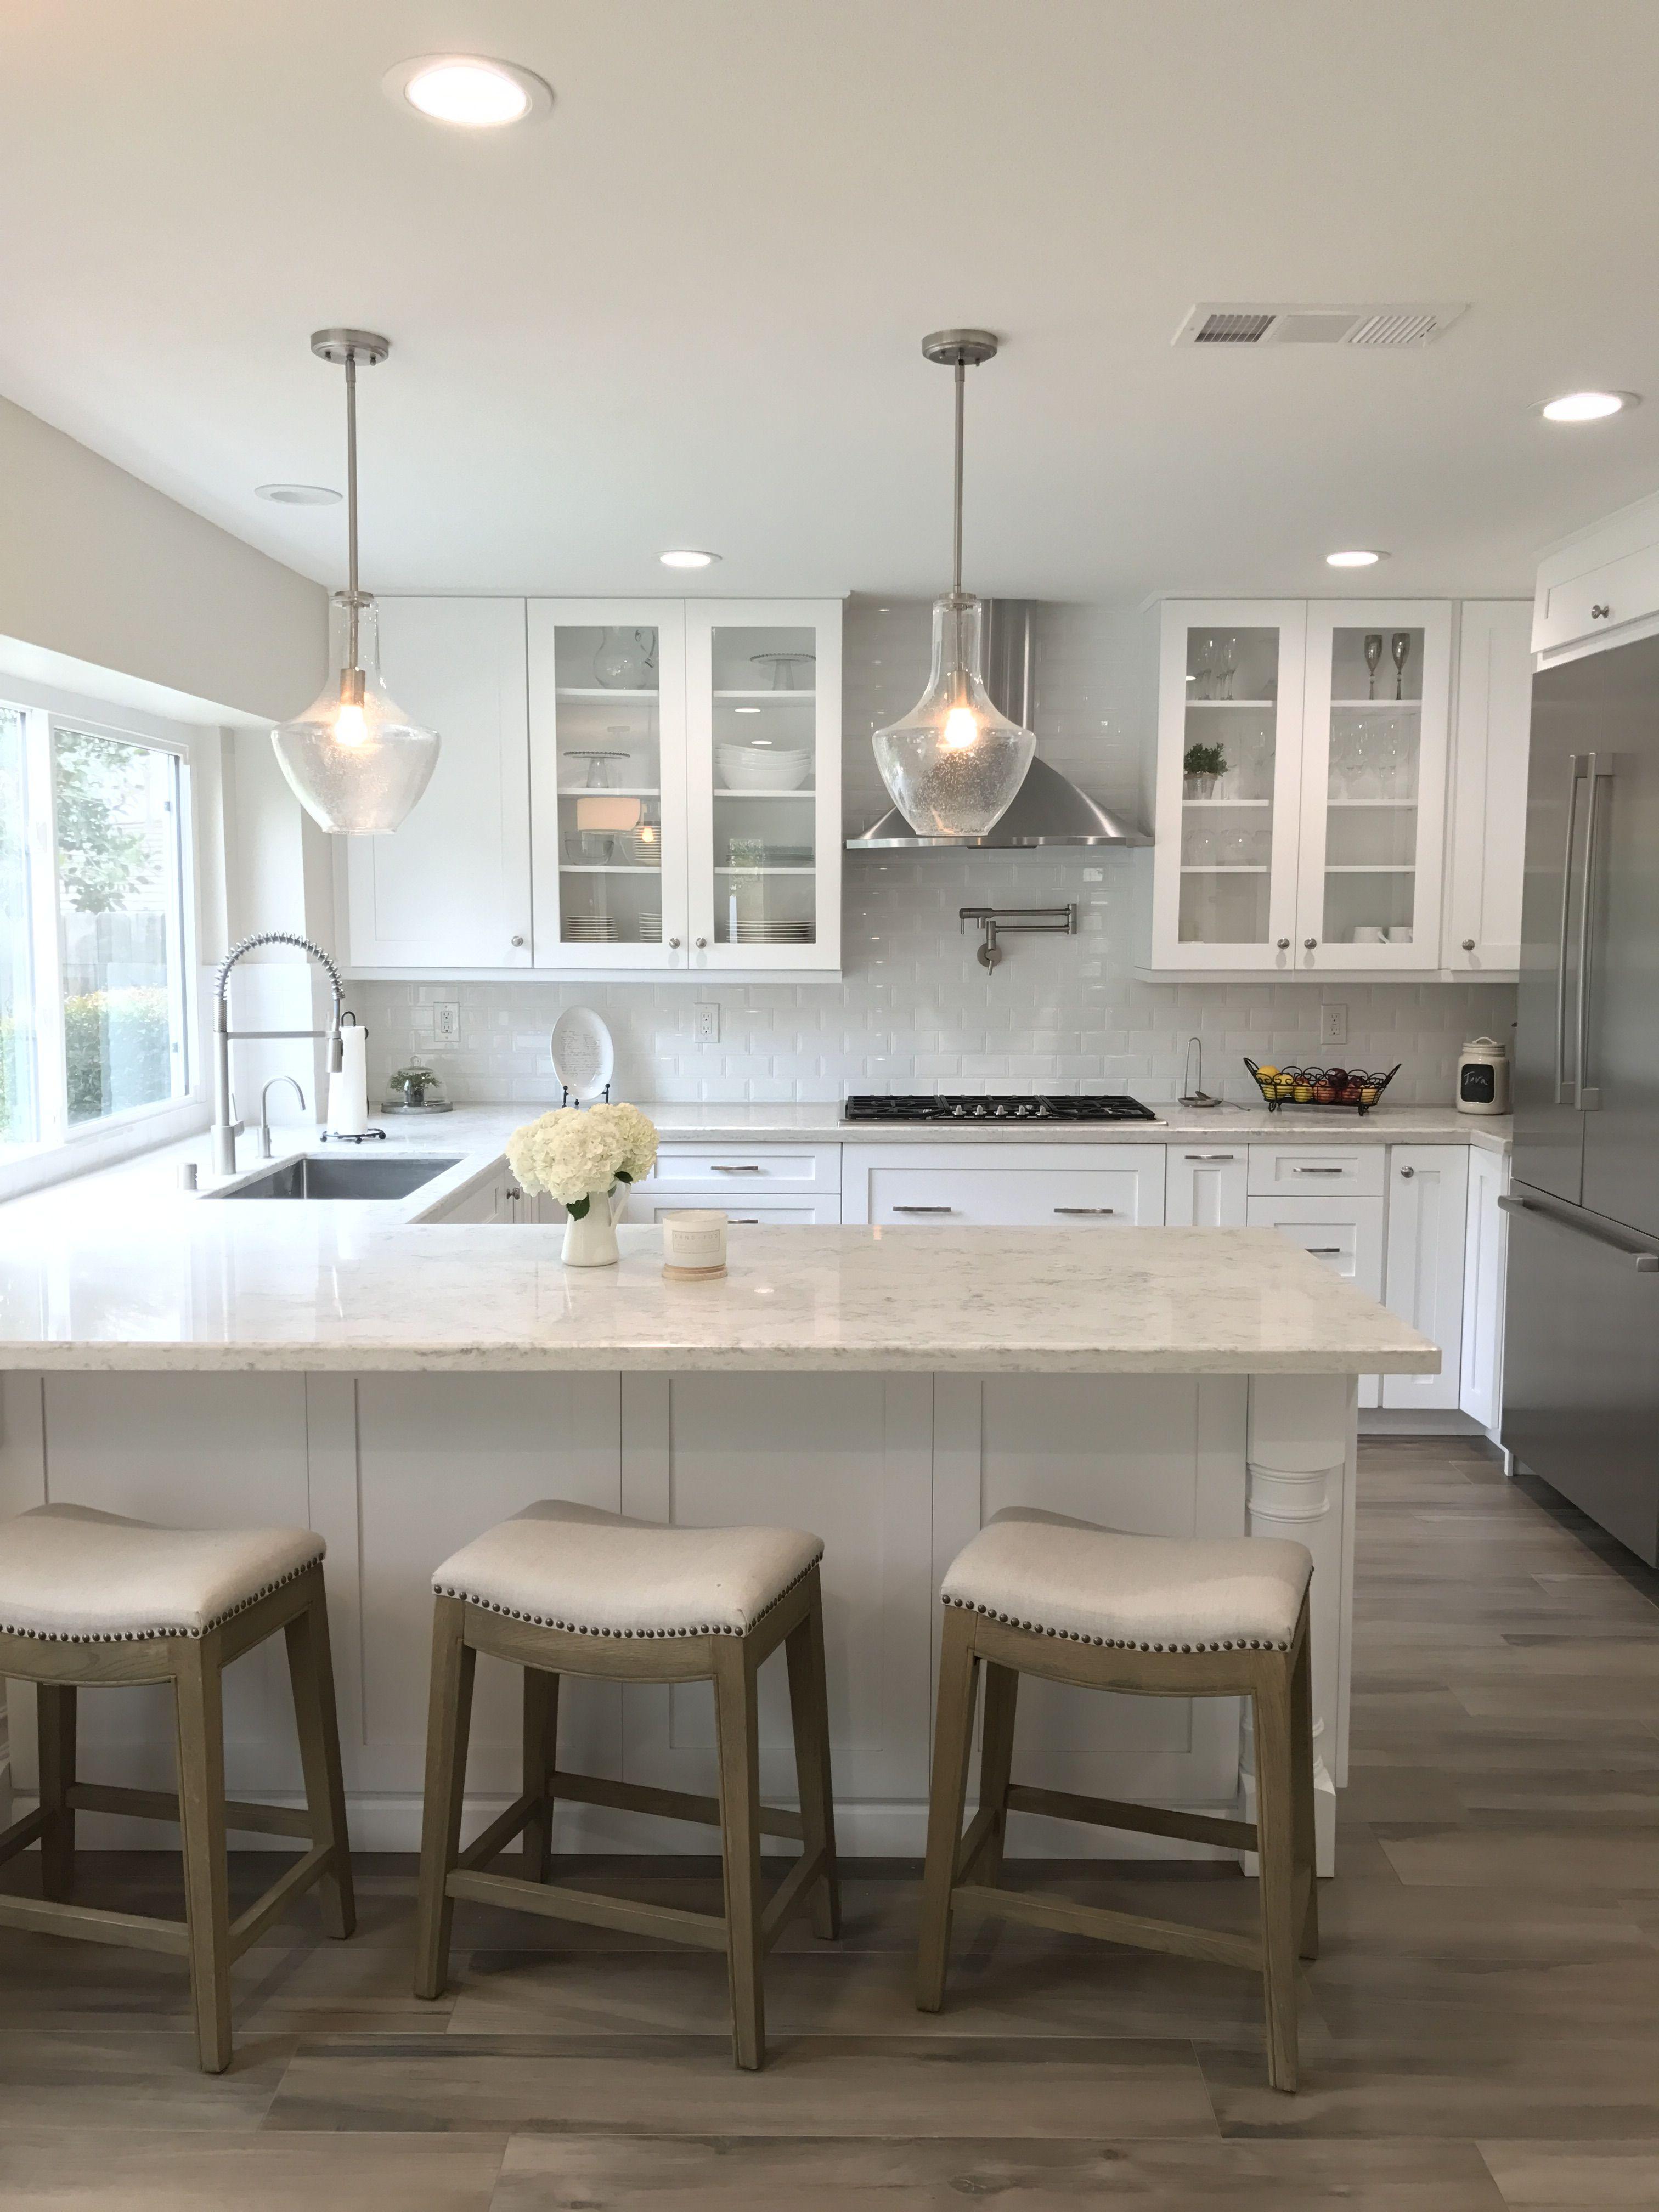 - Kitchen Design With Wood Look Porcelain Tile, Marbled Quartz